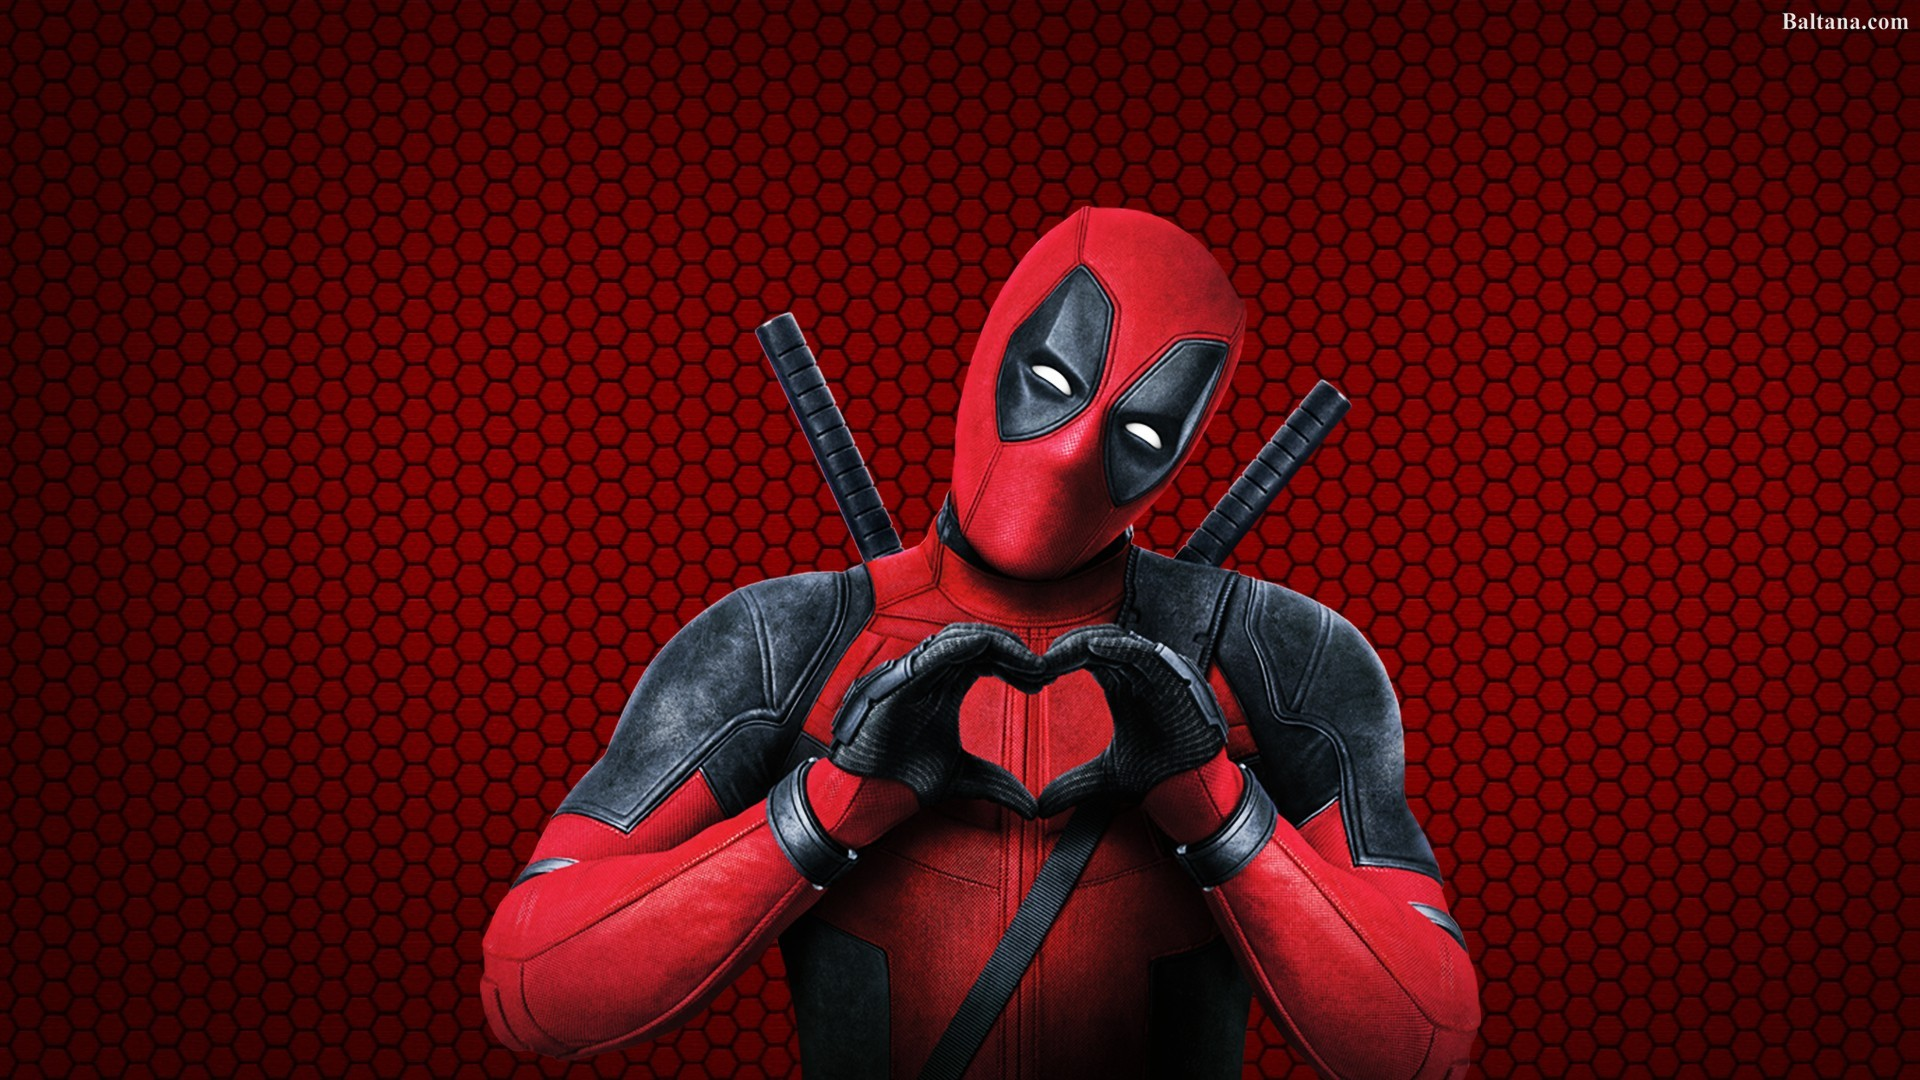 Deadpool High Definition Wallpaper Ultra Hd Deadpool Wallpaper 4k 77347 Hd Wallpaper Backgrounds Download